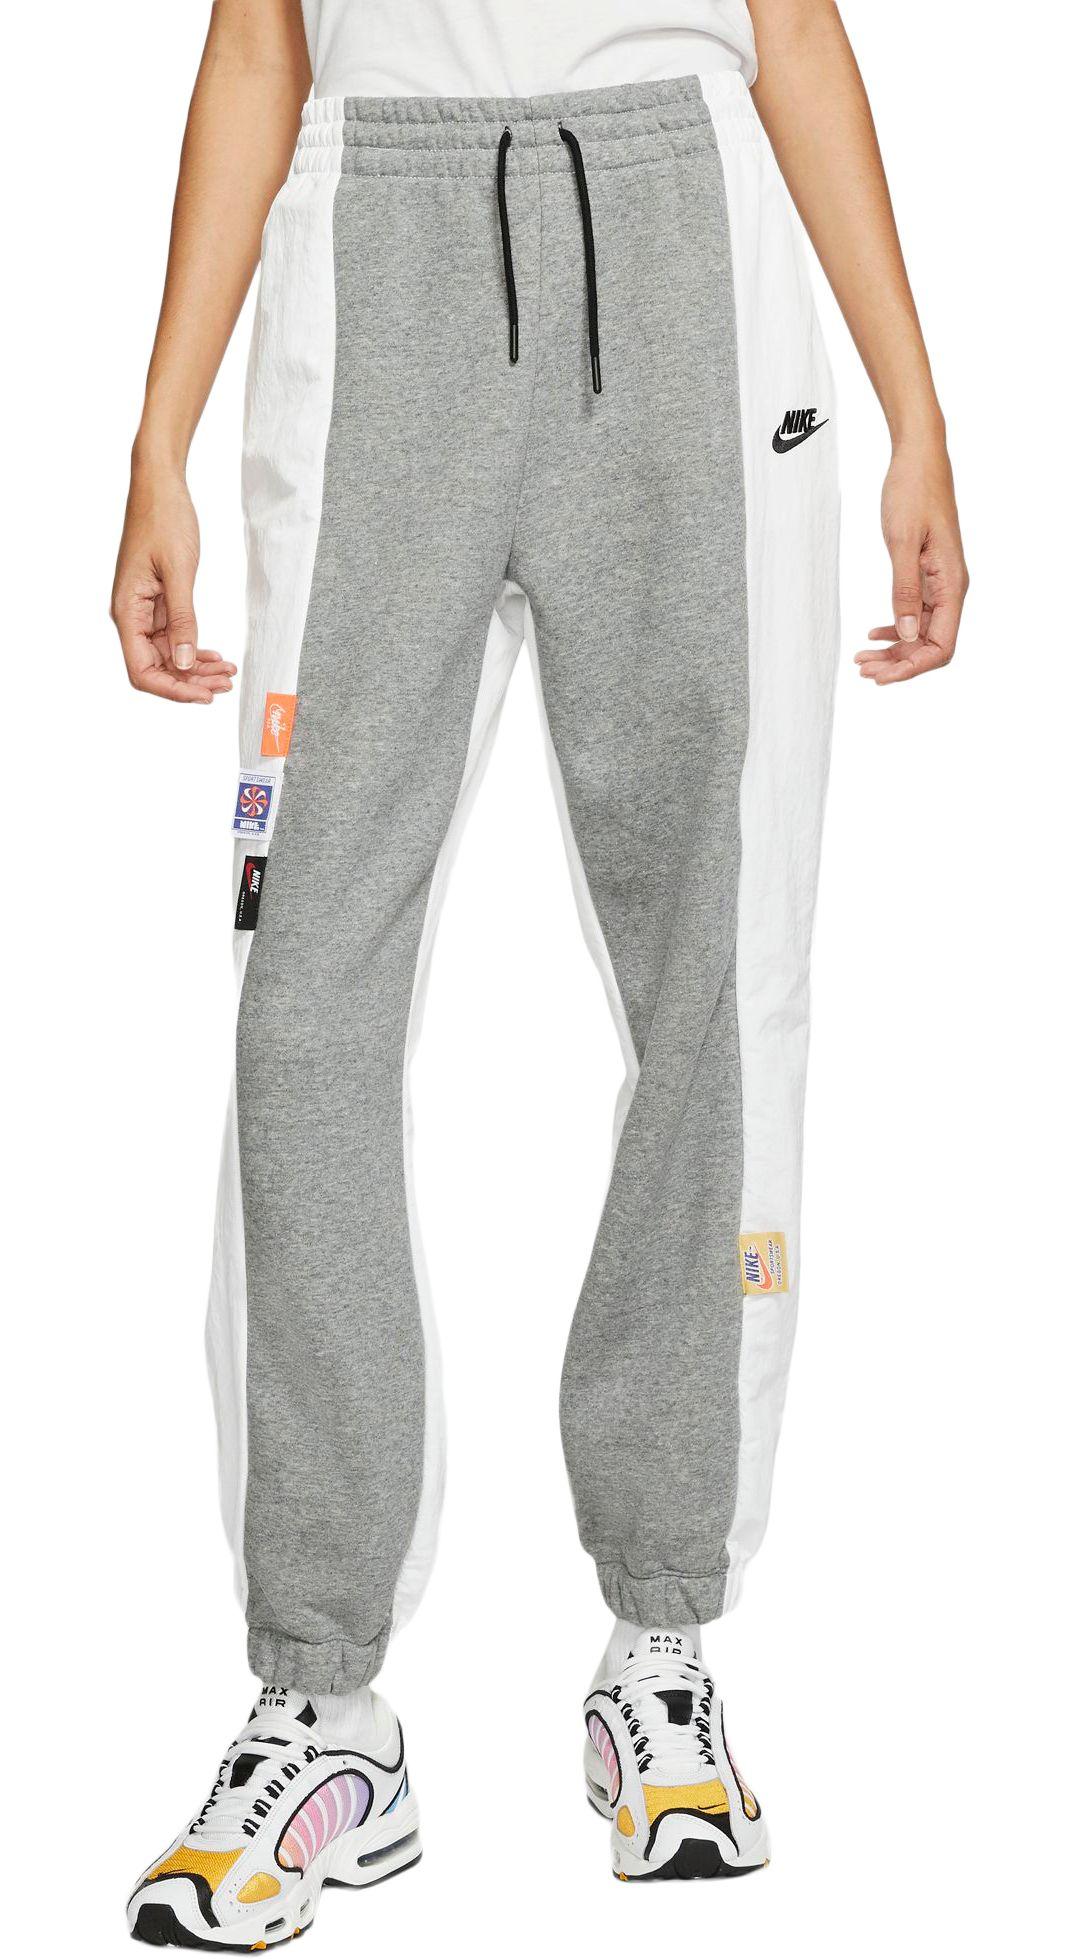 Nike Sportswear Products.